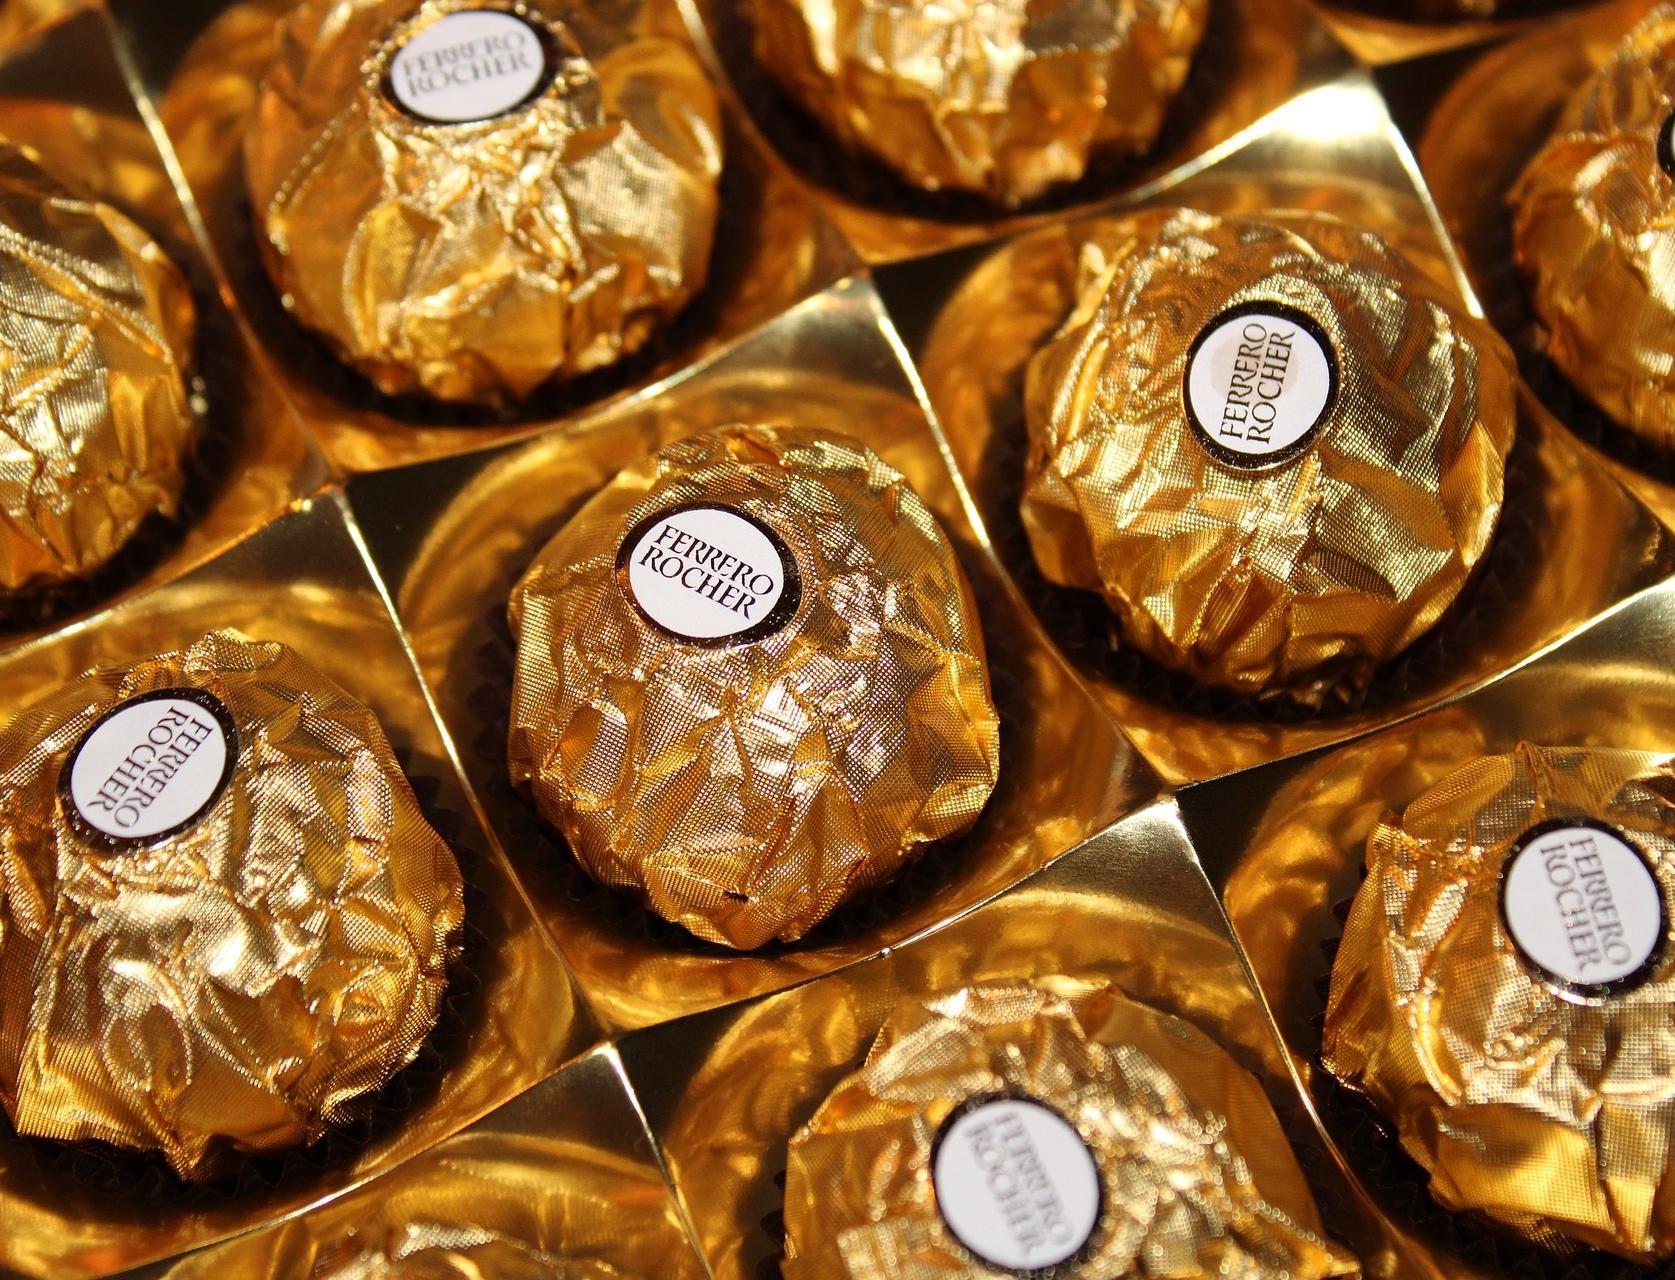 На 40% сокращено количество пластика в новой упаковке Ferrero Rocher